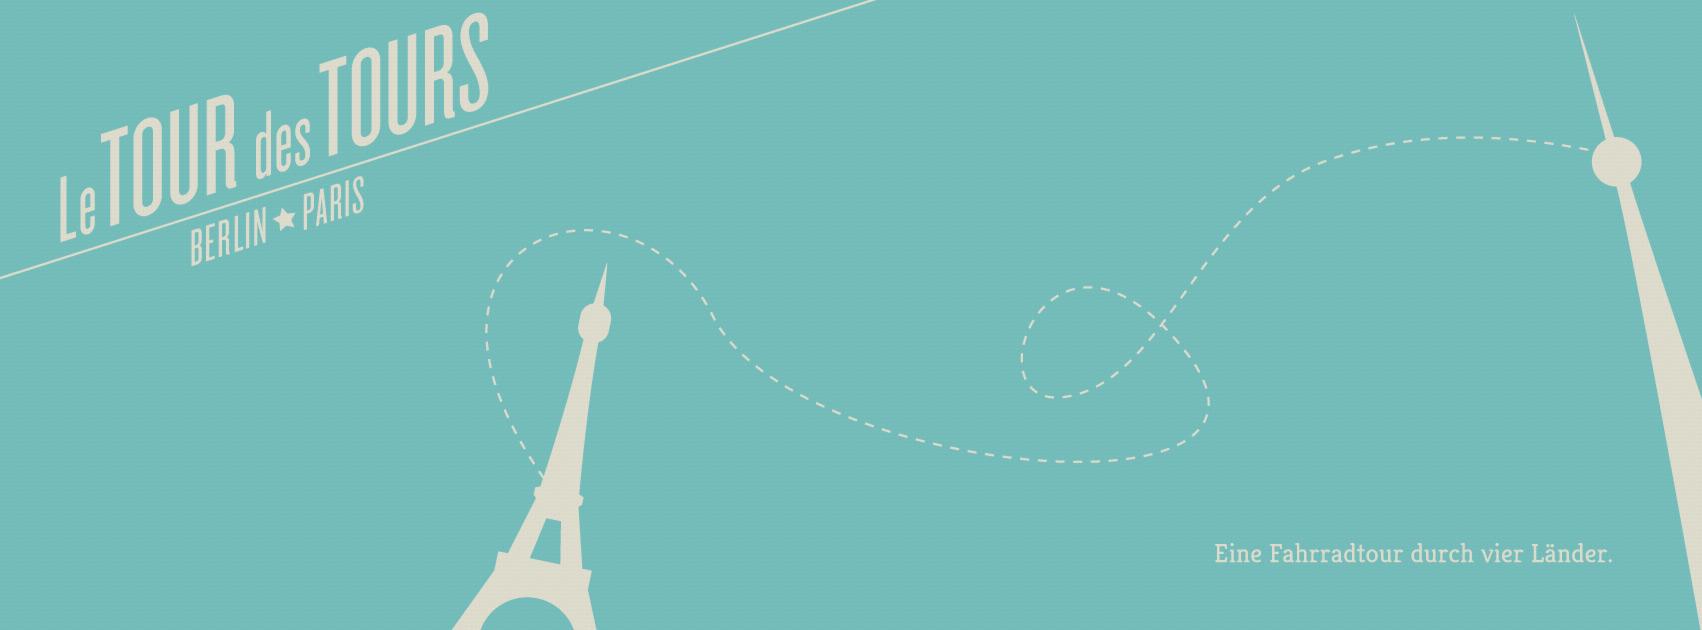 Le Tour des Tours – Mit dem Fahrrad von Berlin nach Paris (1.5)